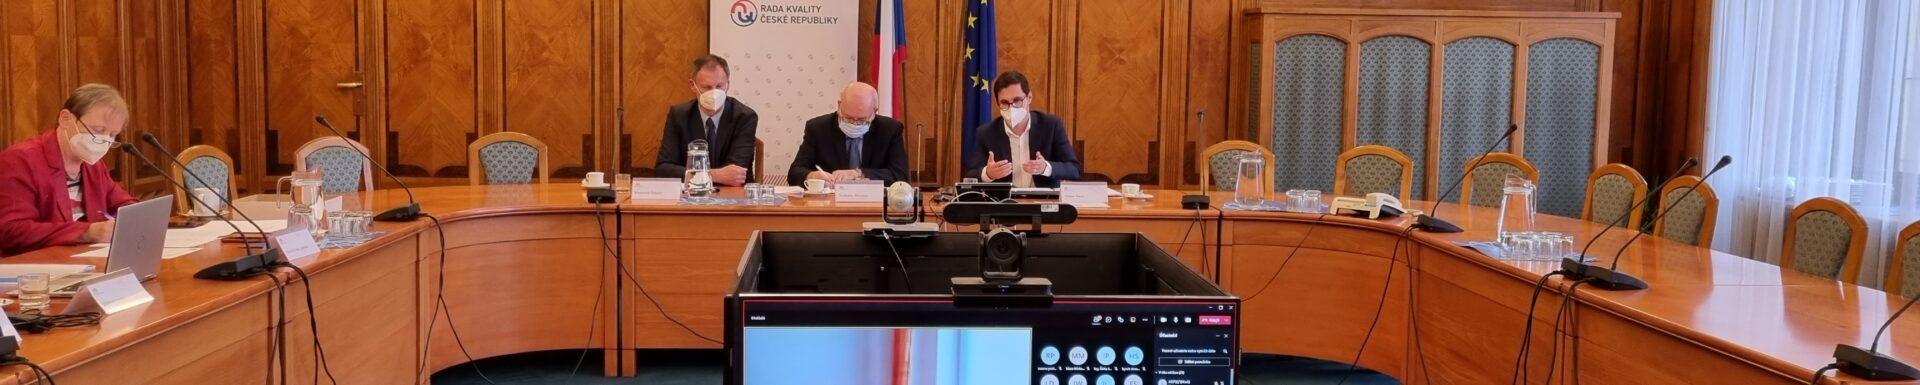 Na 77. zasedání Rady kvality ČR byly představeny stěžejní akce k Měsíci kvality